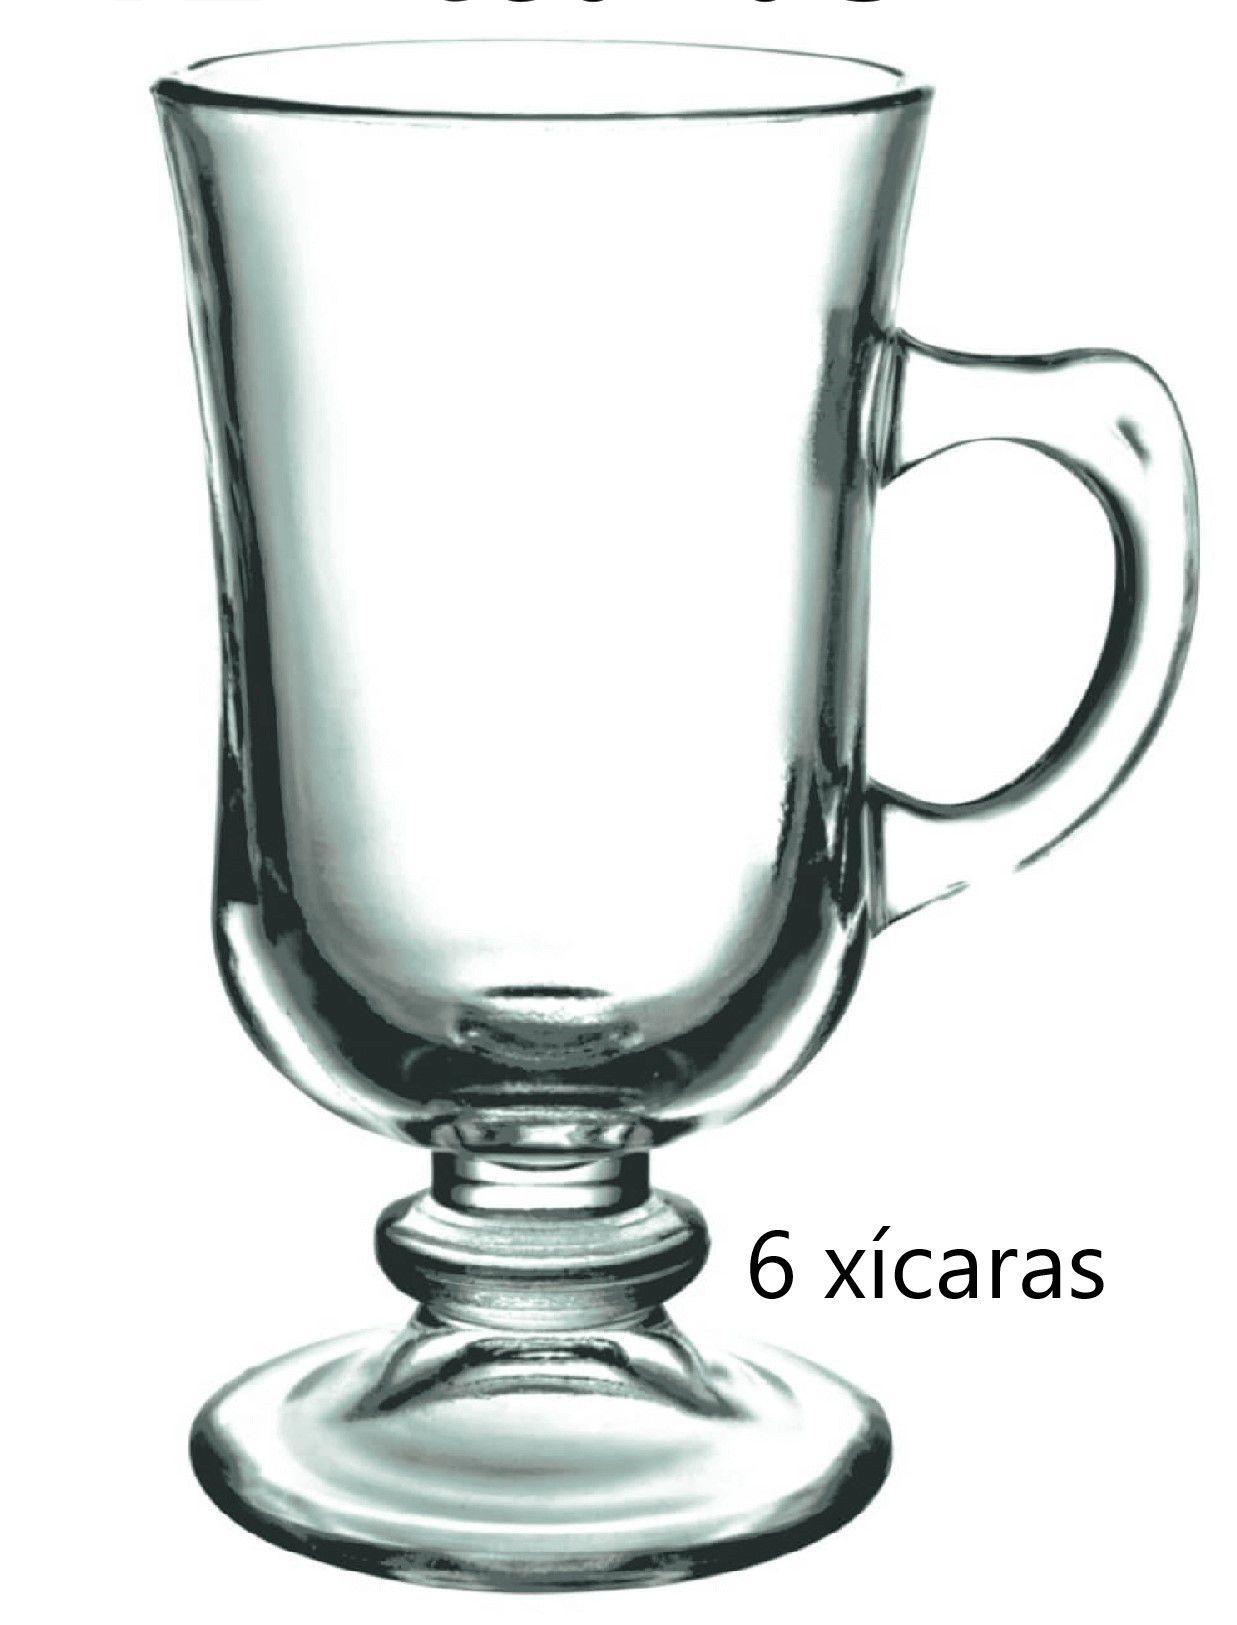 xícara de vidro café 6 unidades 120mL caneca de cafe nespesso dolcegusto